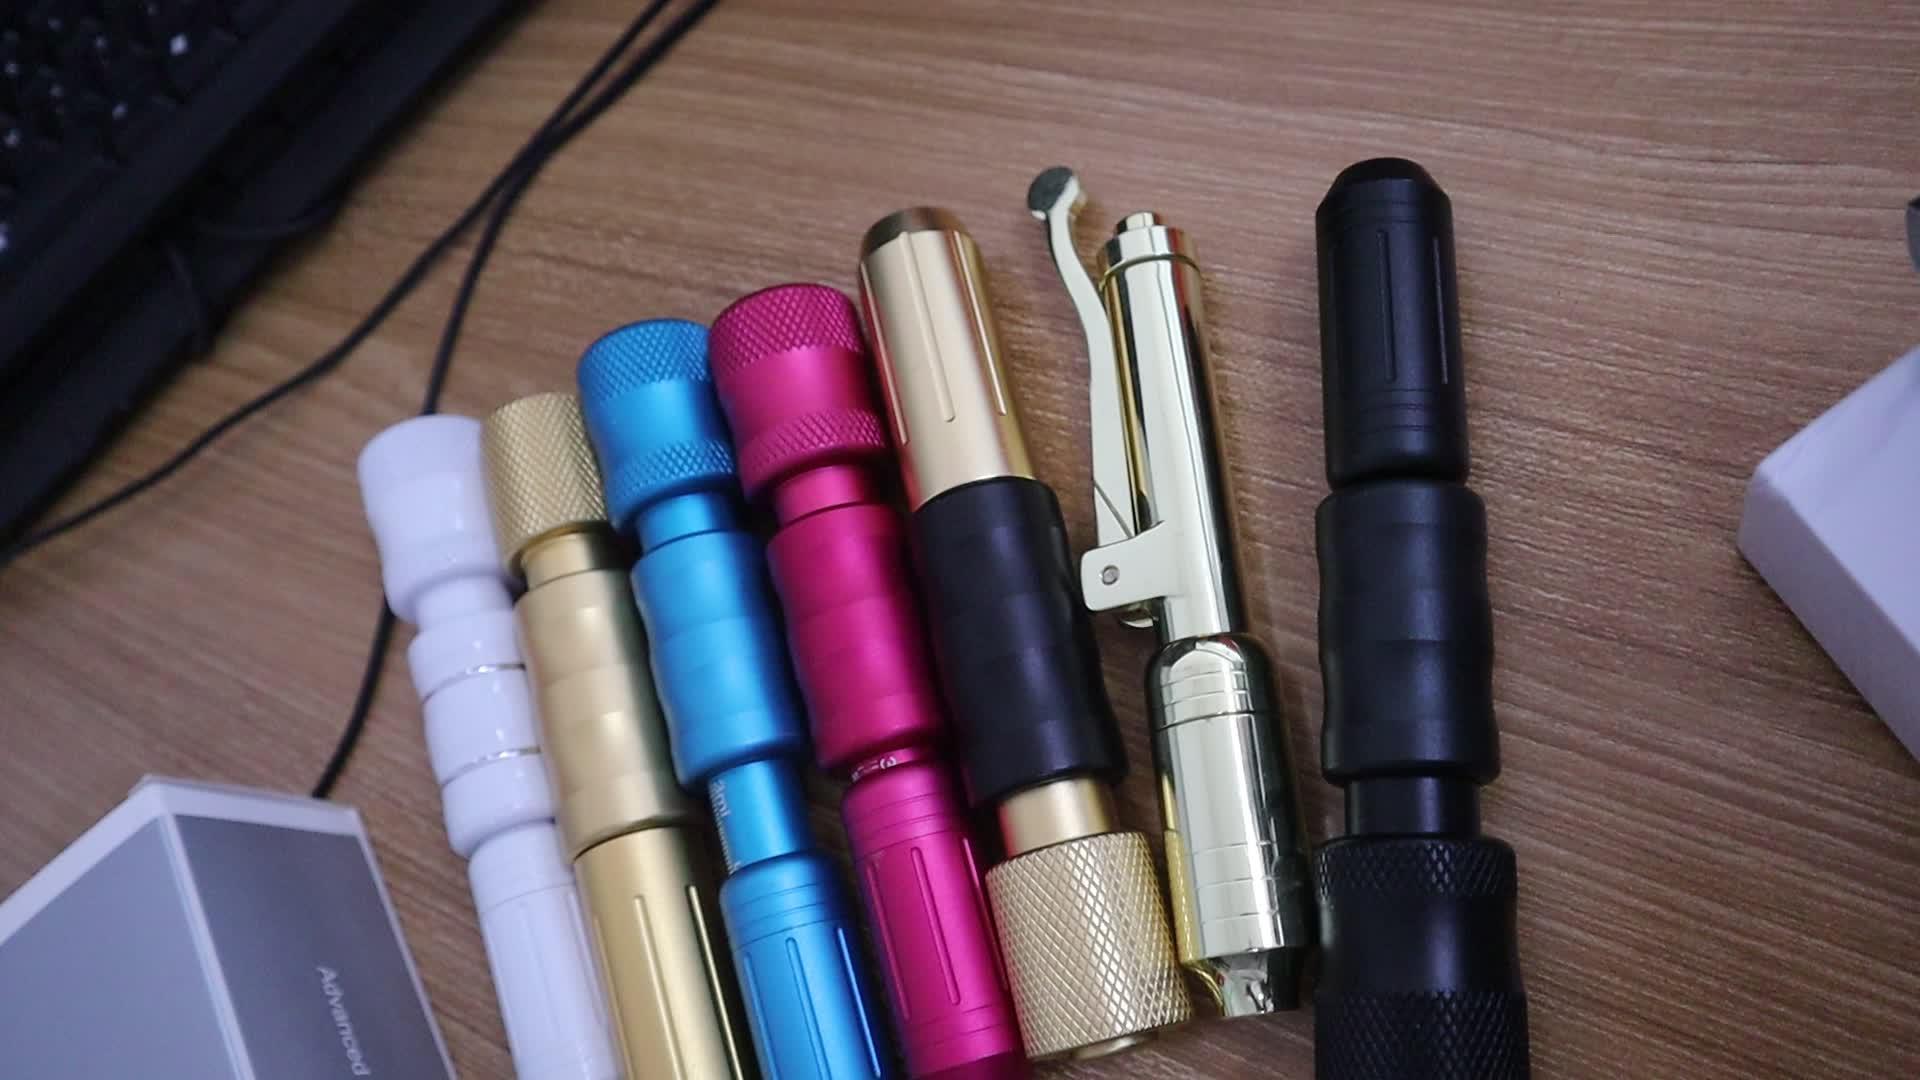 Hohe qualität Nadel Freies Injektor Hyaluronsäure Stift mit OEM Dienstleistungen